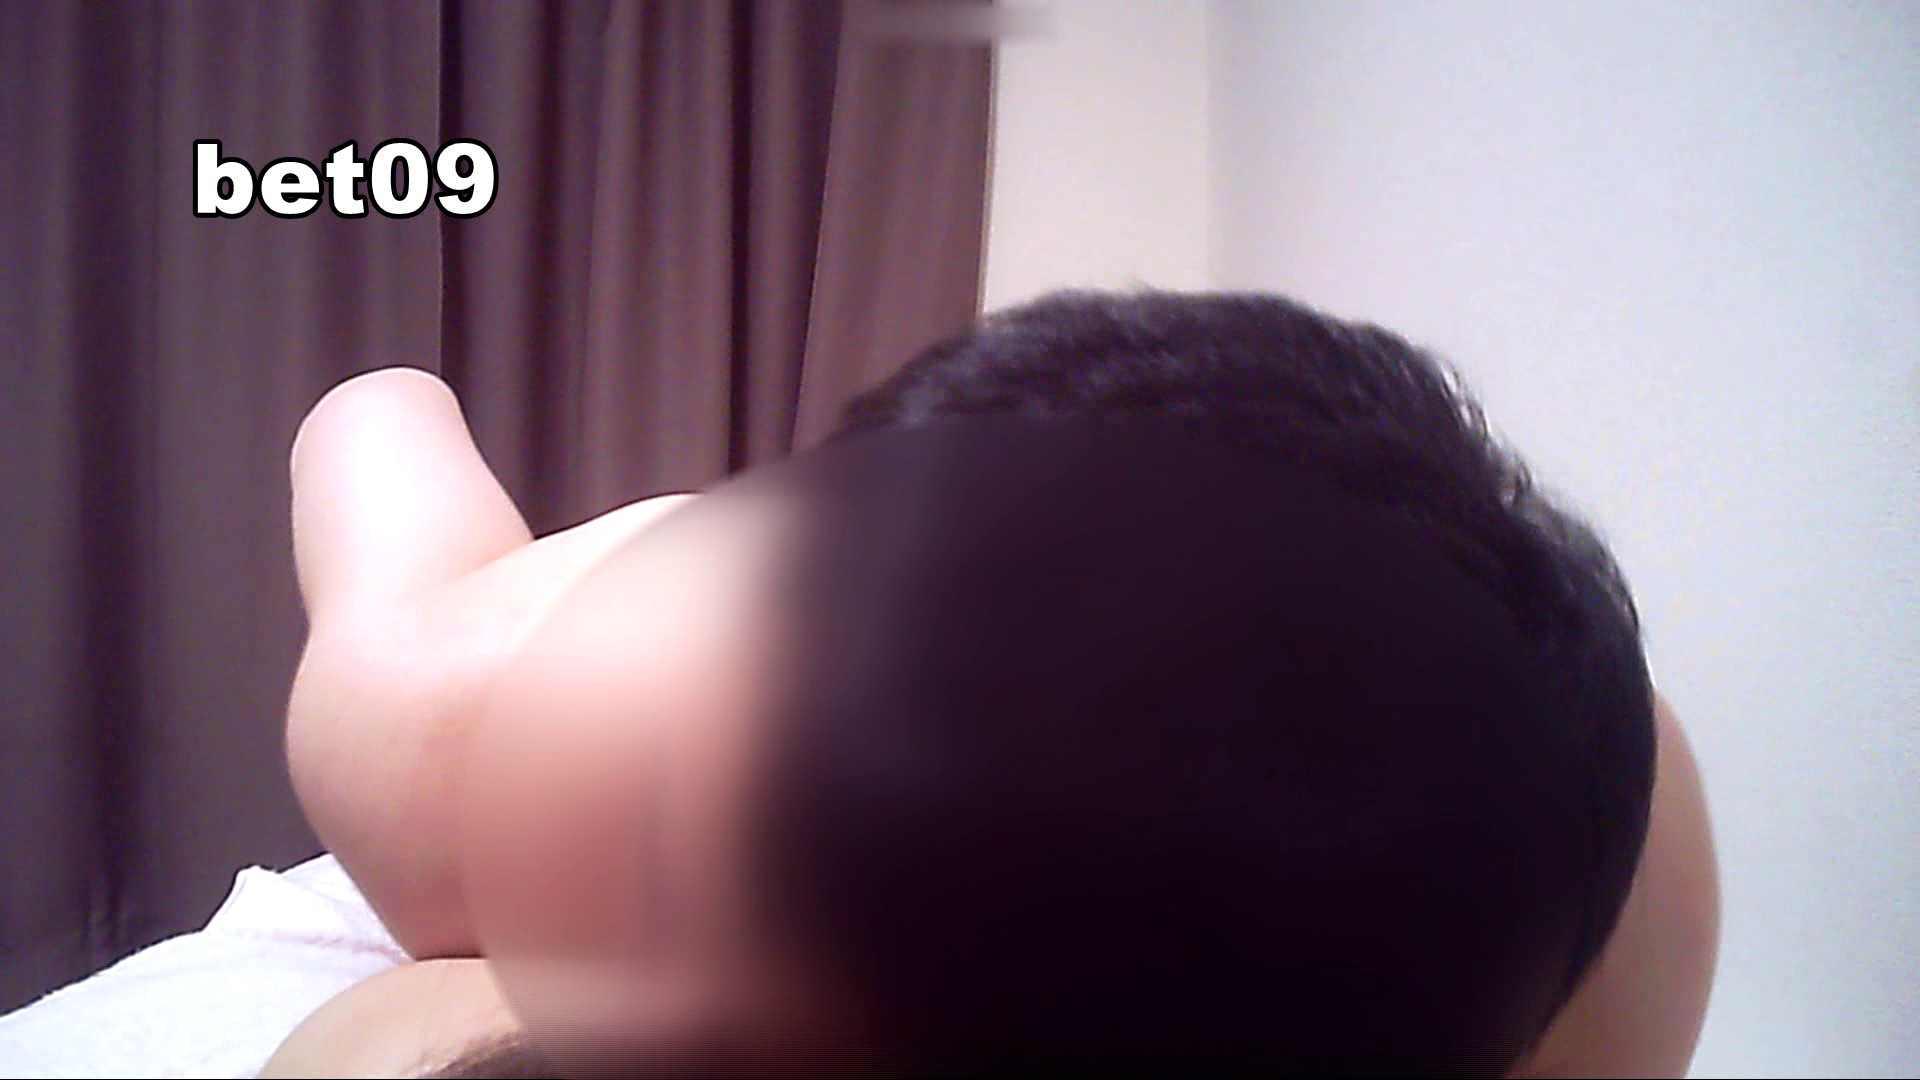 ミキ・大手旅行代理店勤務(24歳・仮名) vol.09 ミキの顔が紅潮してきます リベンジもの   フェラ・シーン  86枚 19